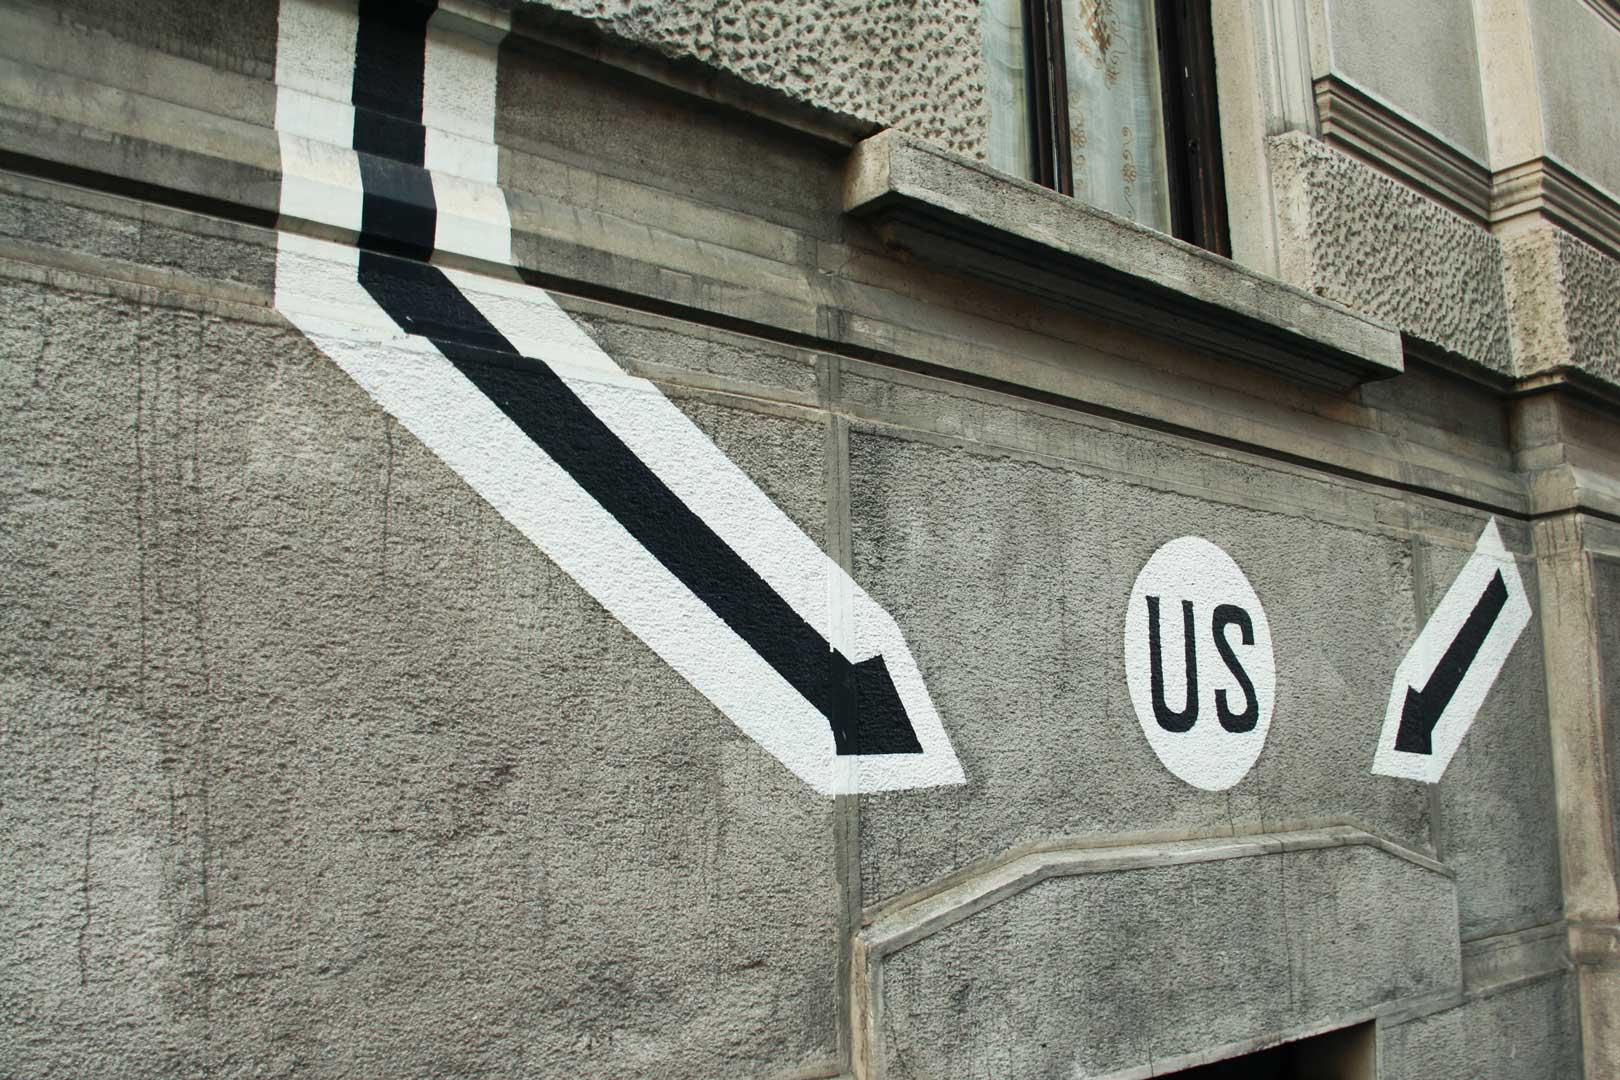 war-graffiti-milano-frecce-us